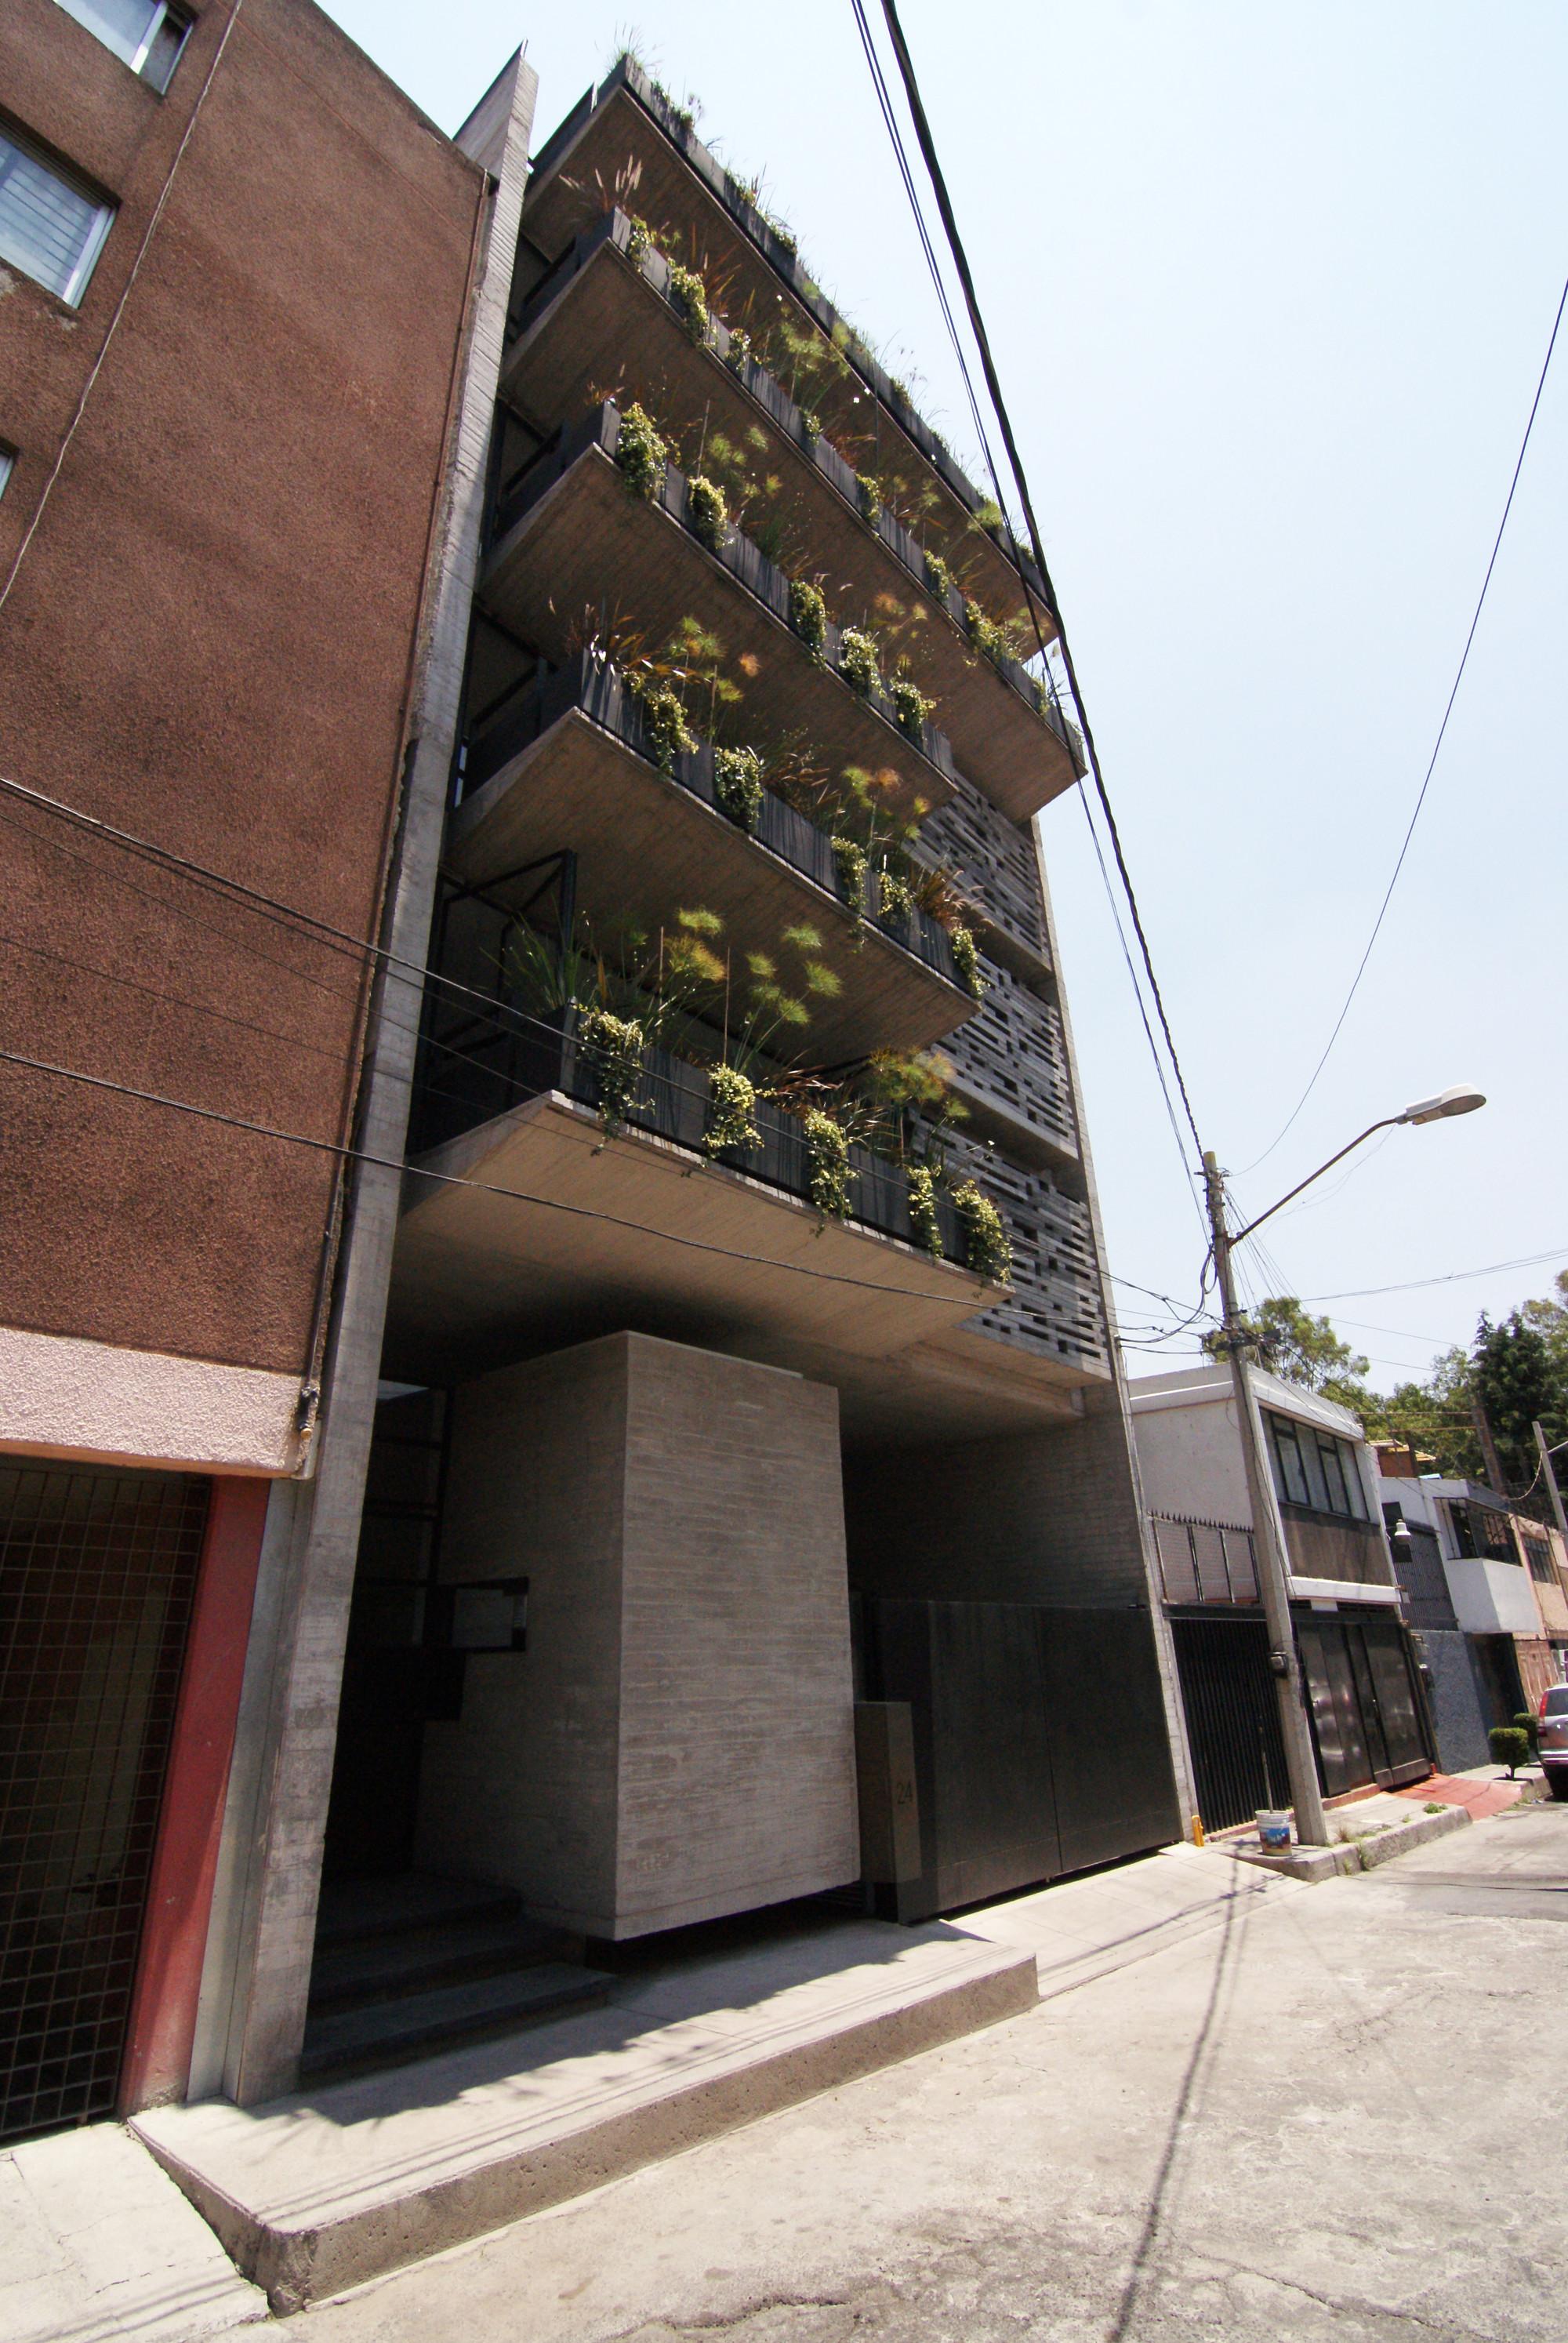 Invierno 24 / DMP Arquitectura, © Carlos Díaz San Pedro